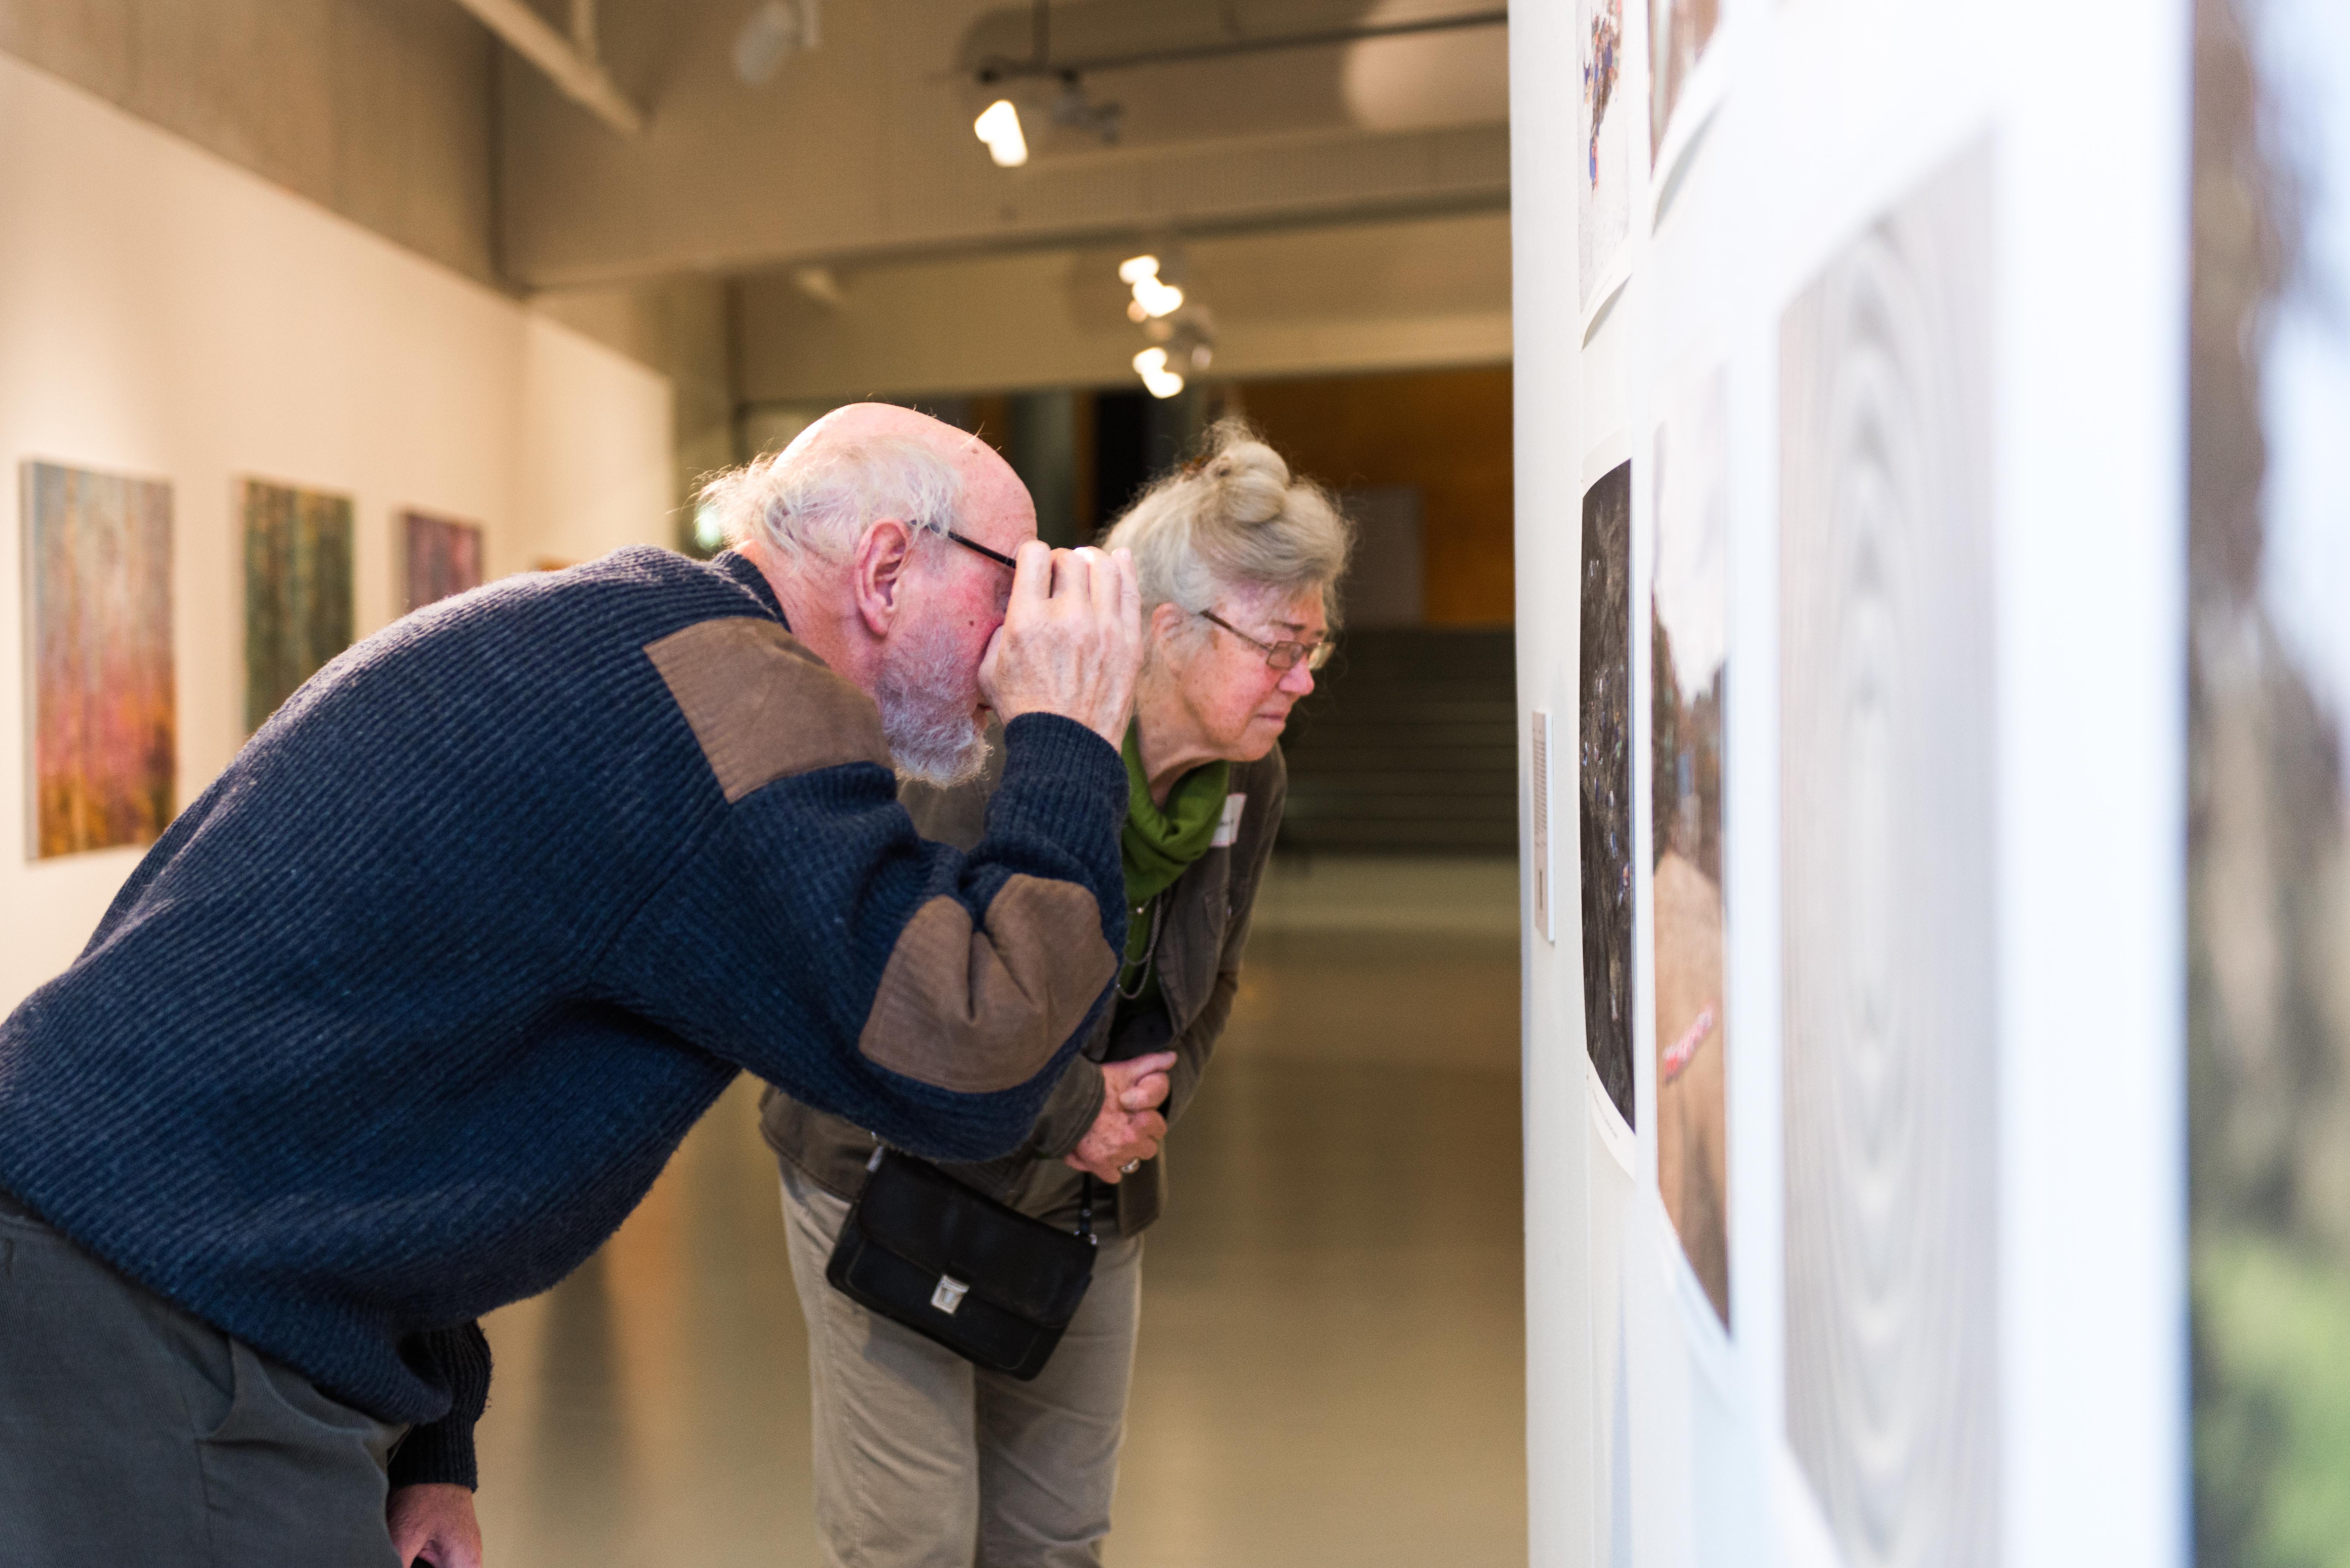 Twee bezoekers bekijken een kunstwerk van dichtbij